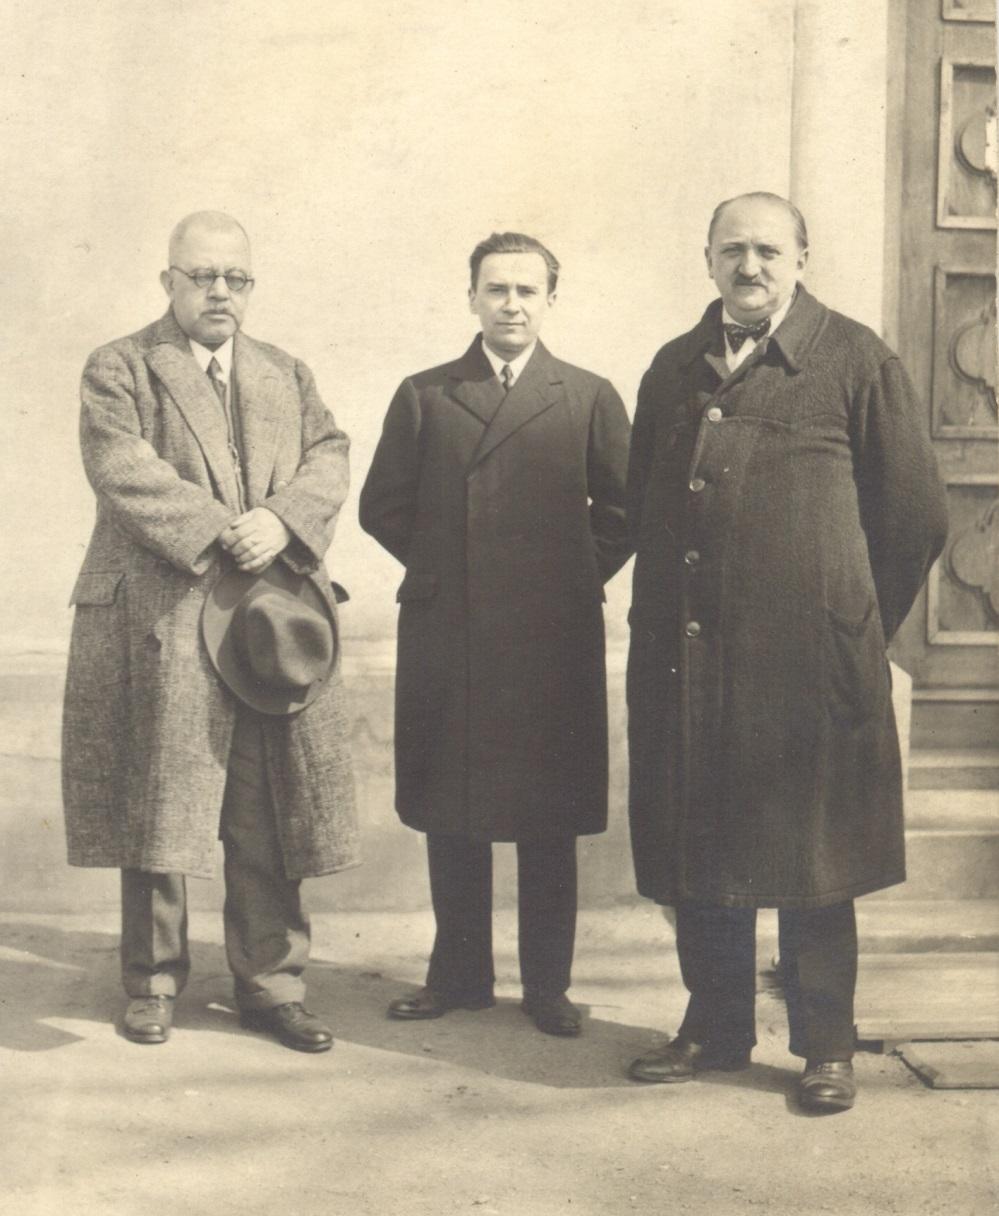 Čikl s předsedou obce Fleischmannem a jednatelem Coufalem